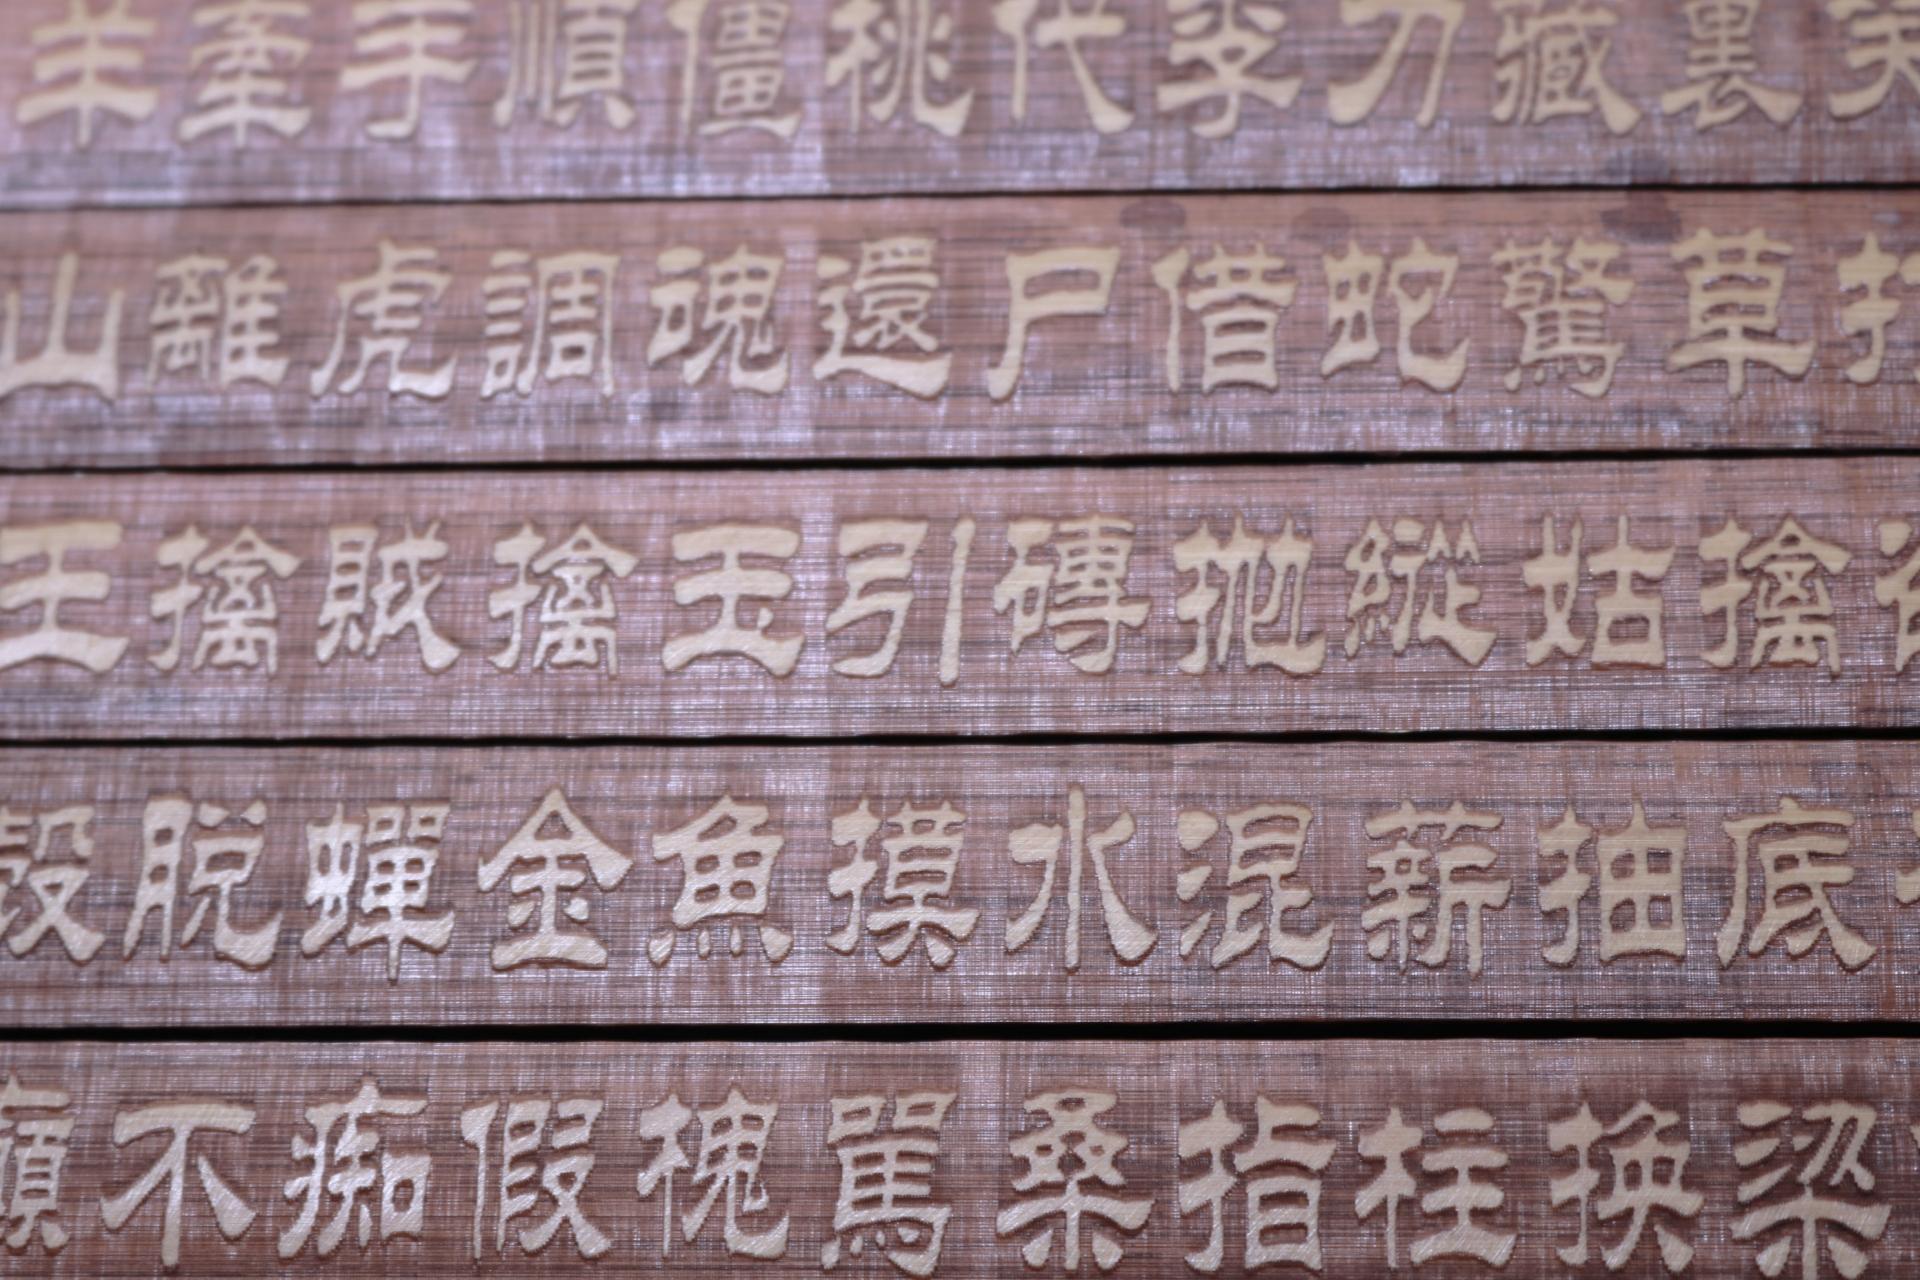 【高齢者向け】新感覚?!漢字の計算クイズで脳活性!ボケ・認知症予防